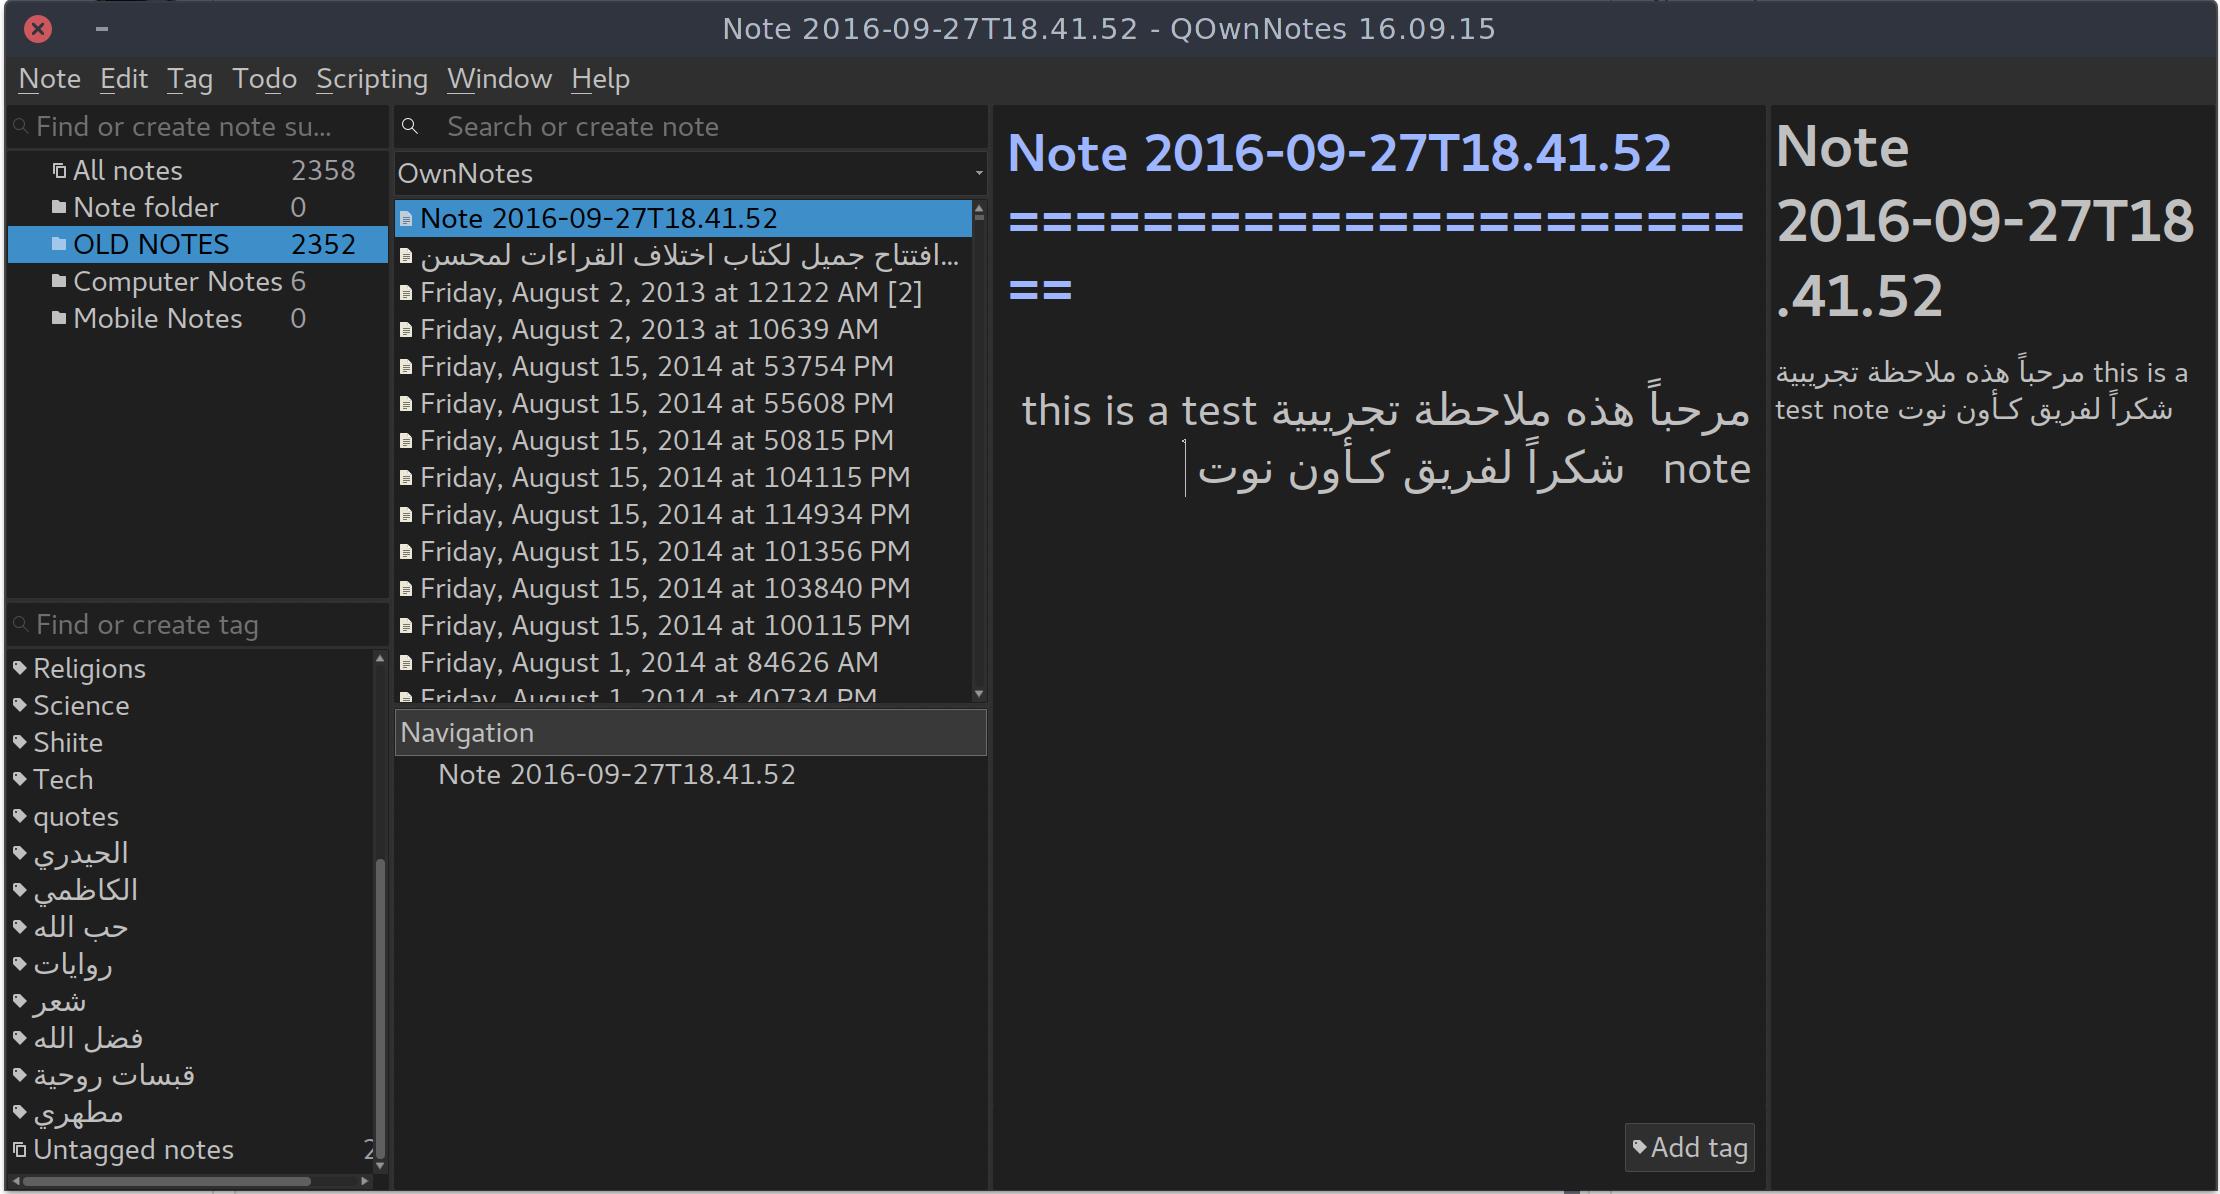 screenshot from 2016-09-27 18-44-00